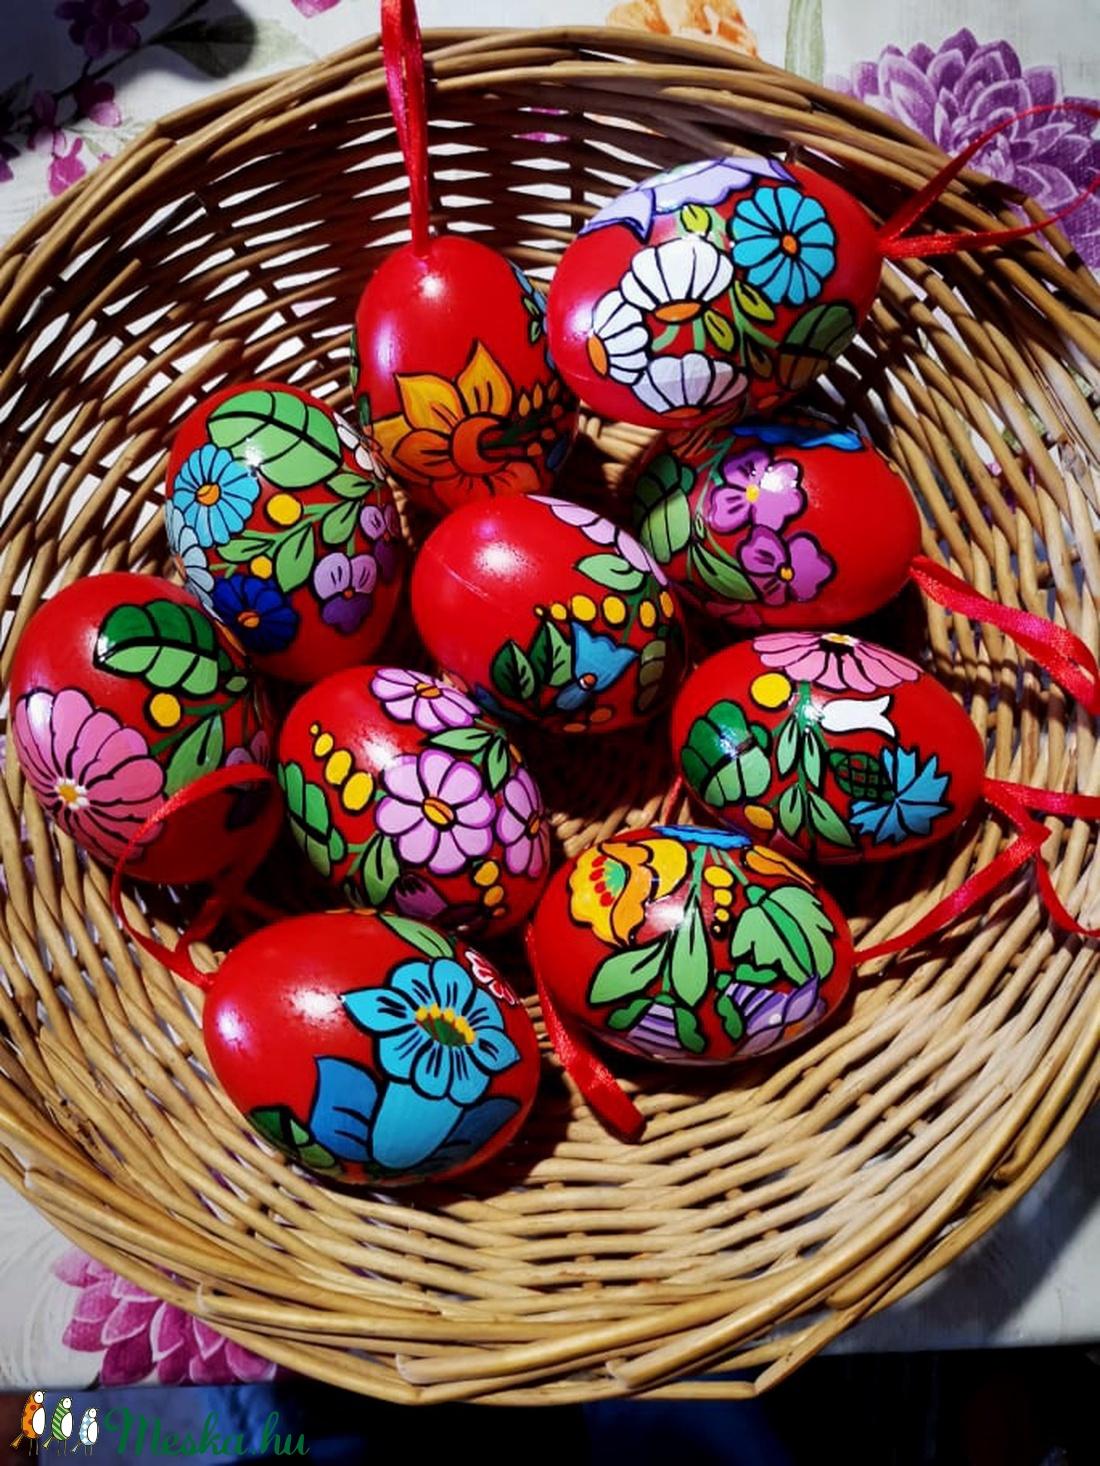 Kalocsai kézzel festett müanyag tojás 6 cm ,10 db . (bartokaniko) - Meska.hu